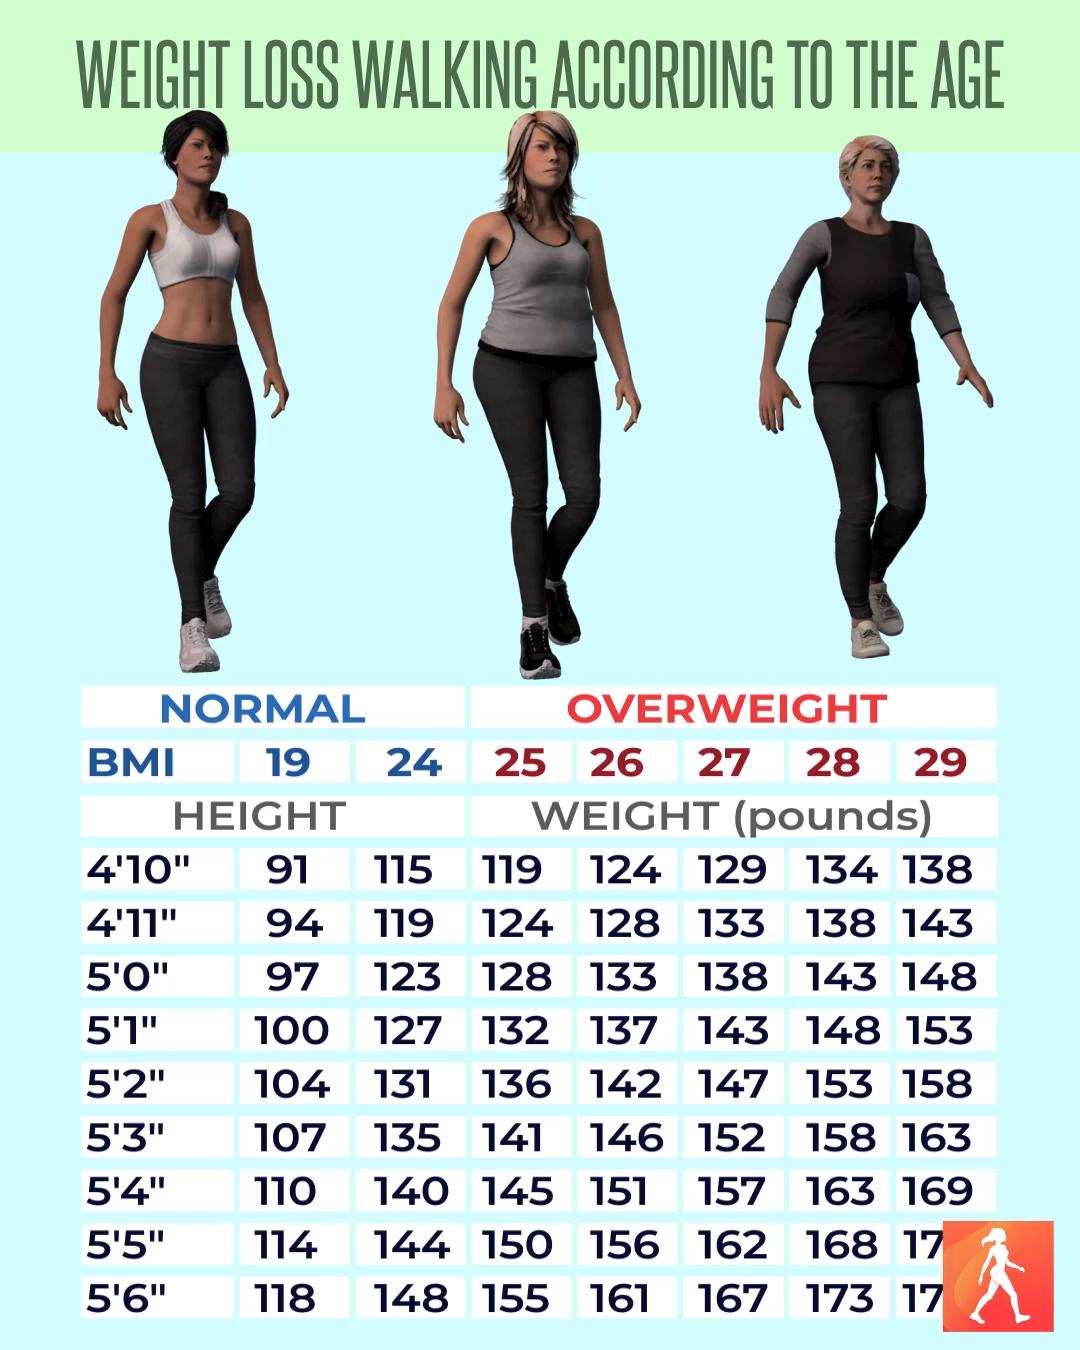 Похудение За Счет Ходьбы. Ходьба для эффективного похудения: основные правила